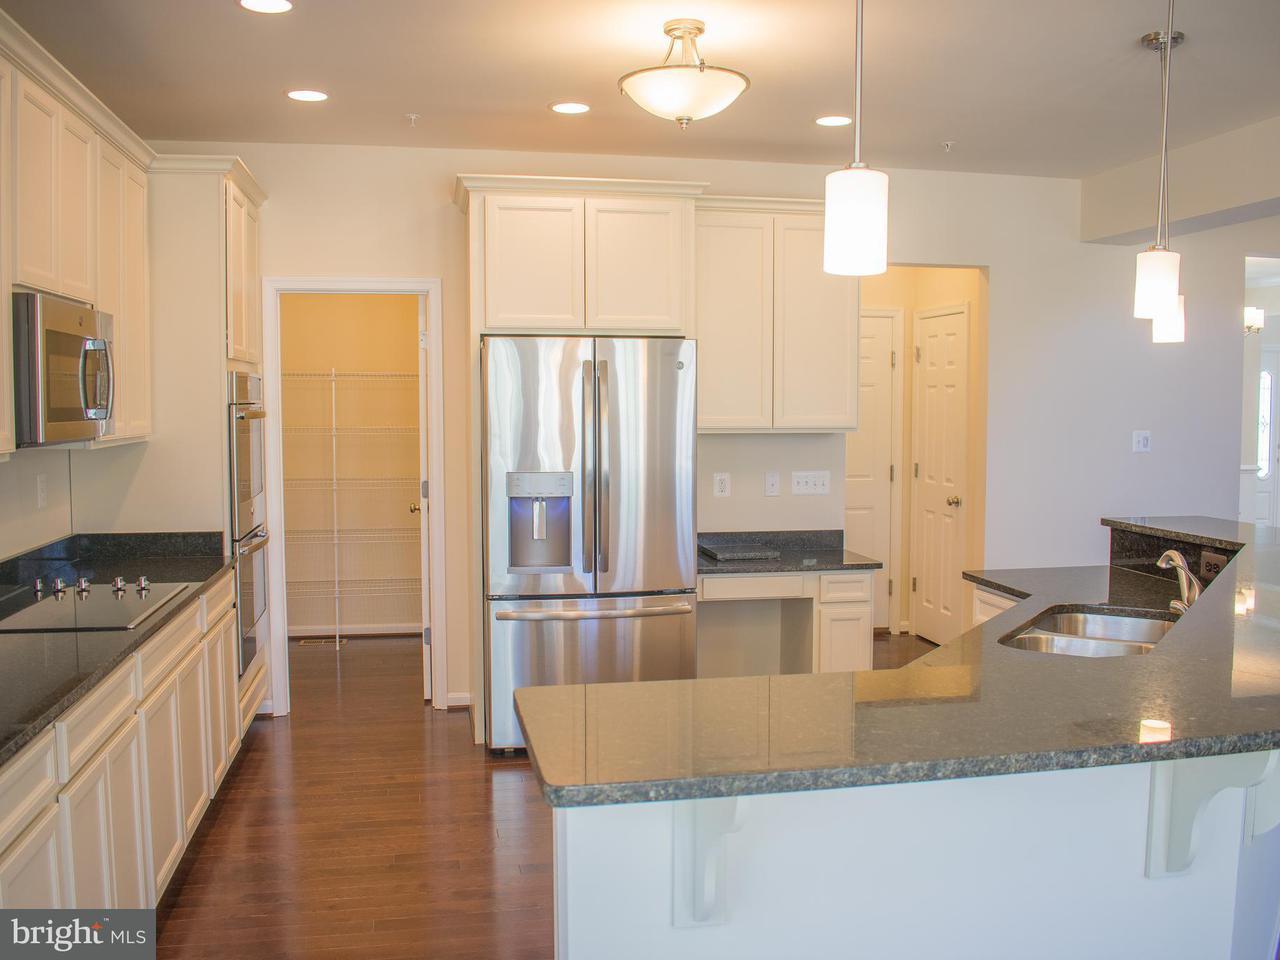 Maison unifamiliale pour l Vente à 7404 Spicetree Place 7404 Spicetree Place Hughesville, Maryland 20637 États-Unis